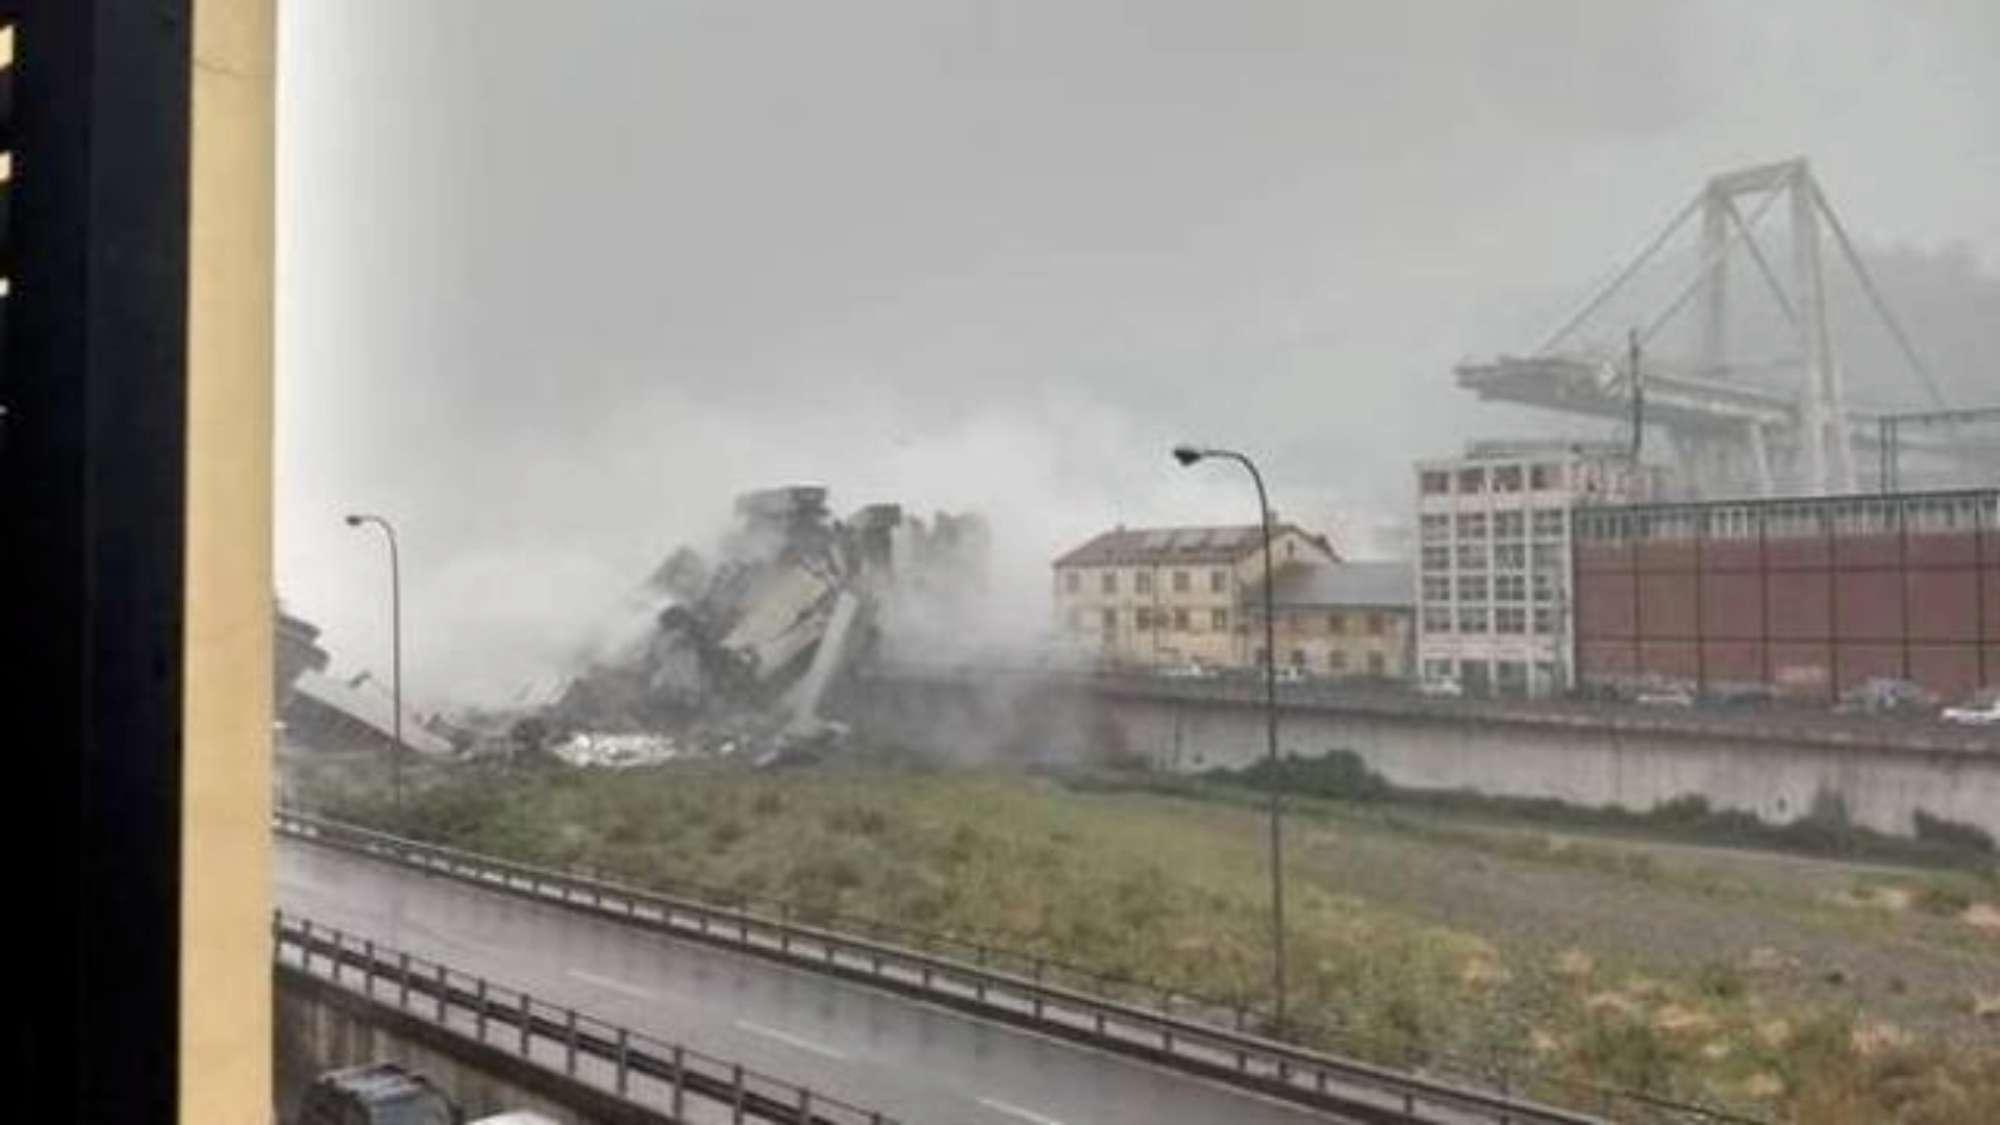 Crolla un ponte sull'autostrada A10, si temono molte vittime